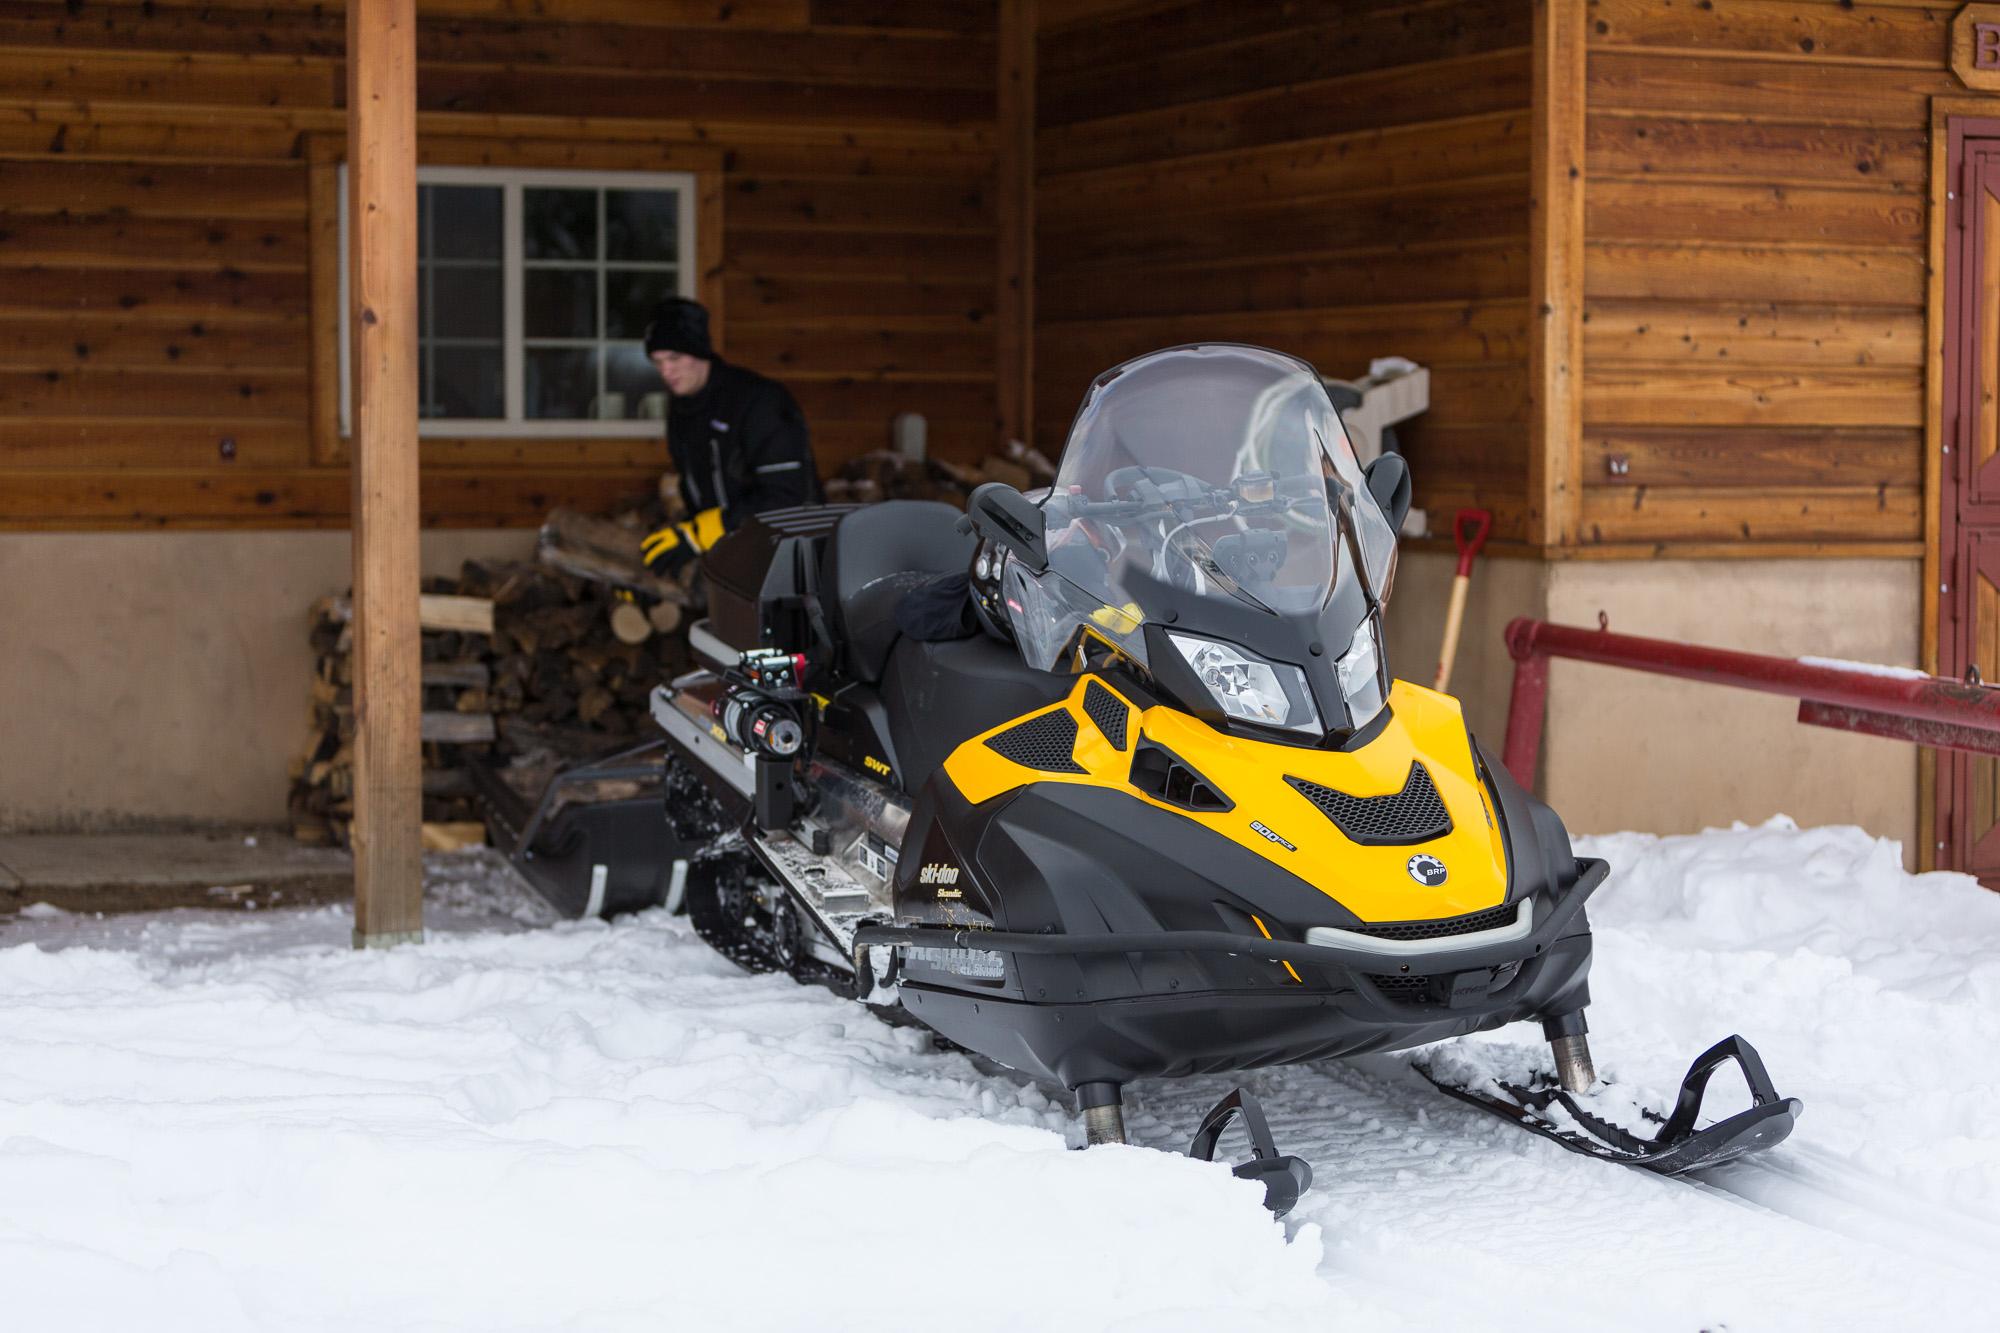 Утилитарный снегоход 500